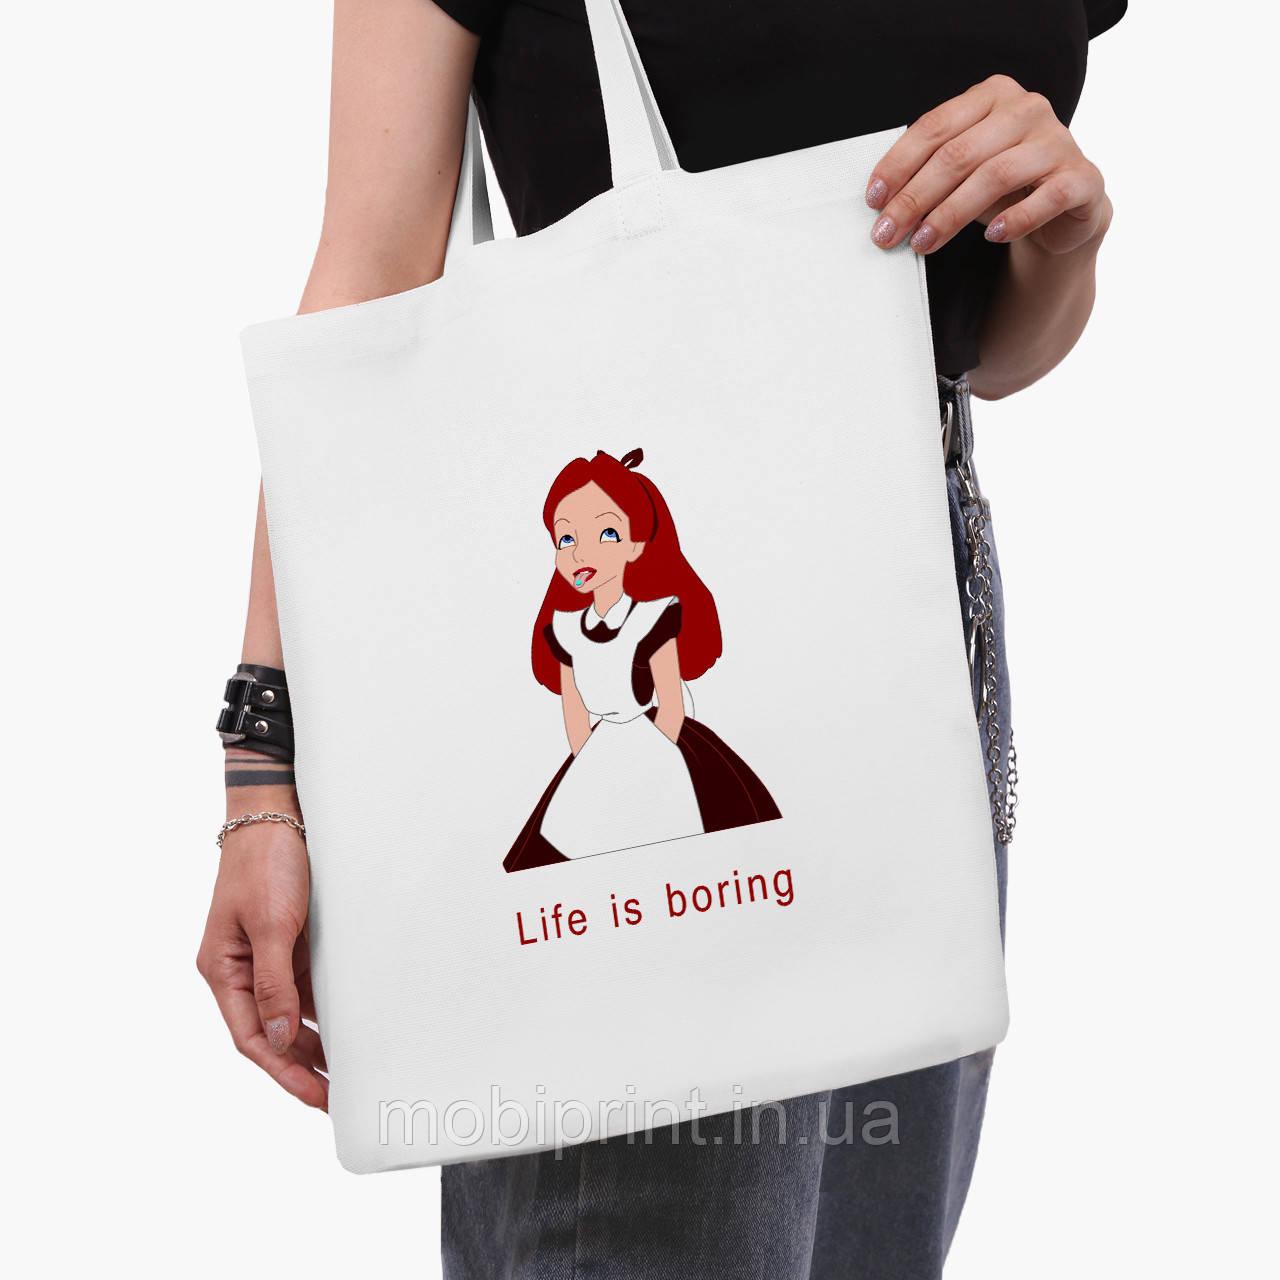 """Еко сумка шоппер біла Аліса """"Дісней"""" (Alice """"Disney"""") (9227-1435-3) 41*35 см"""